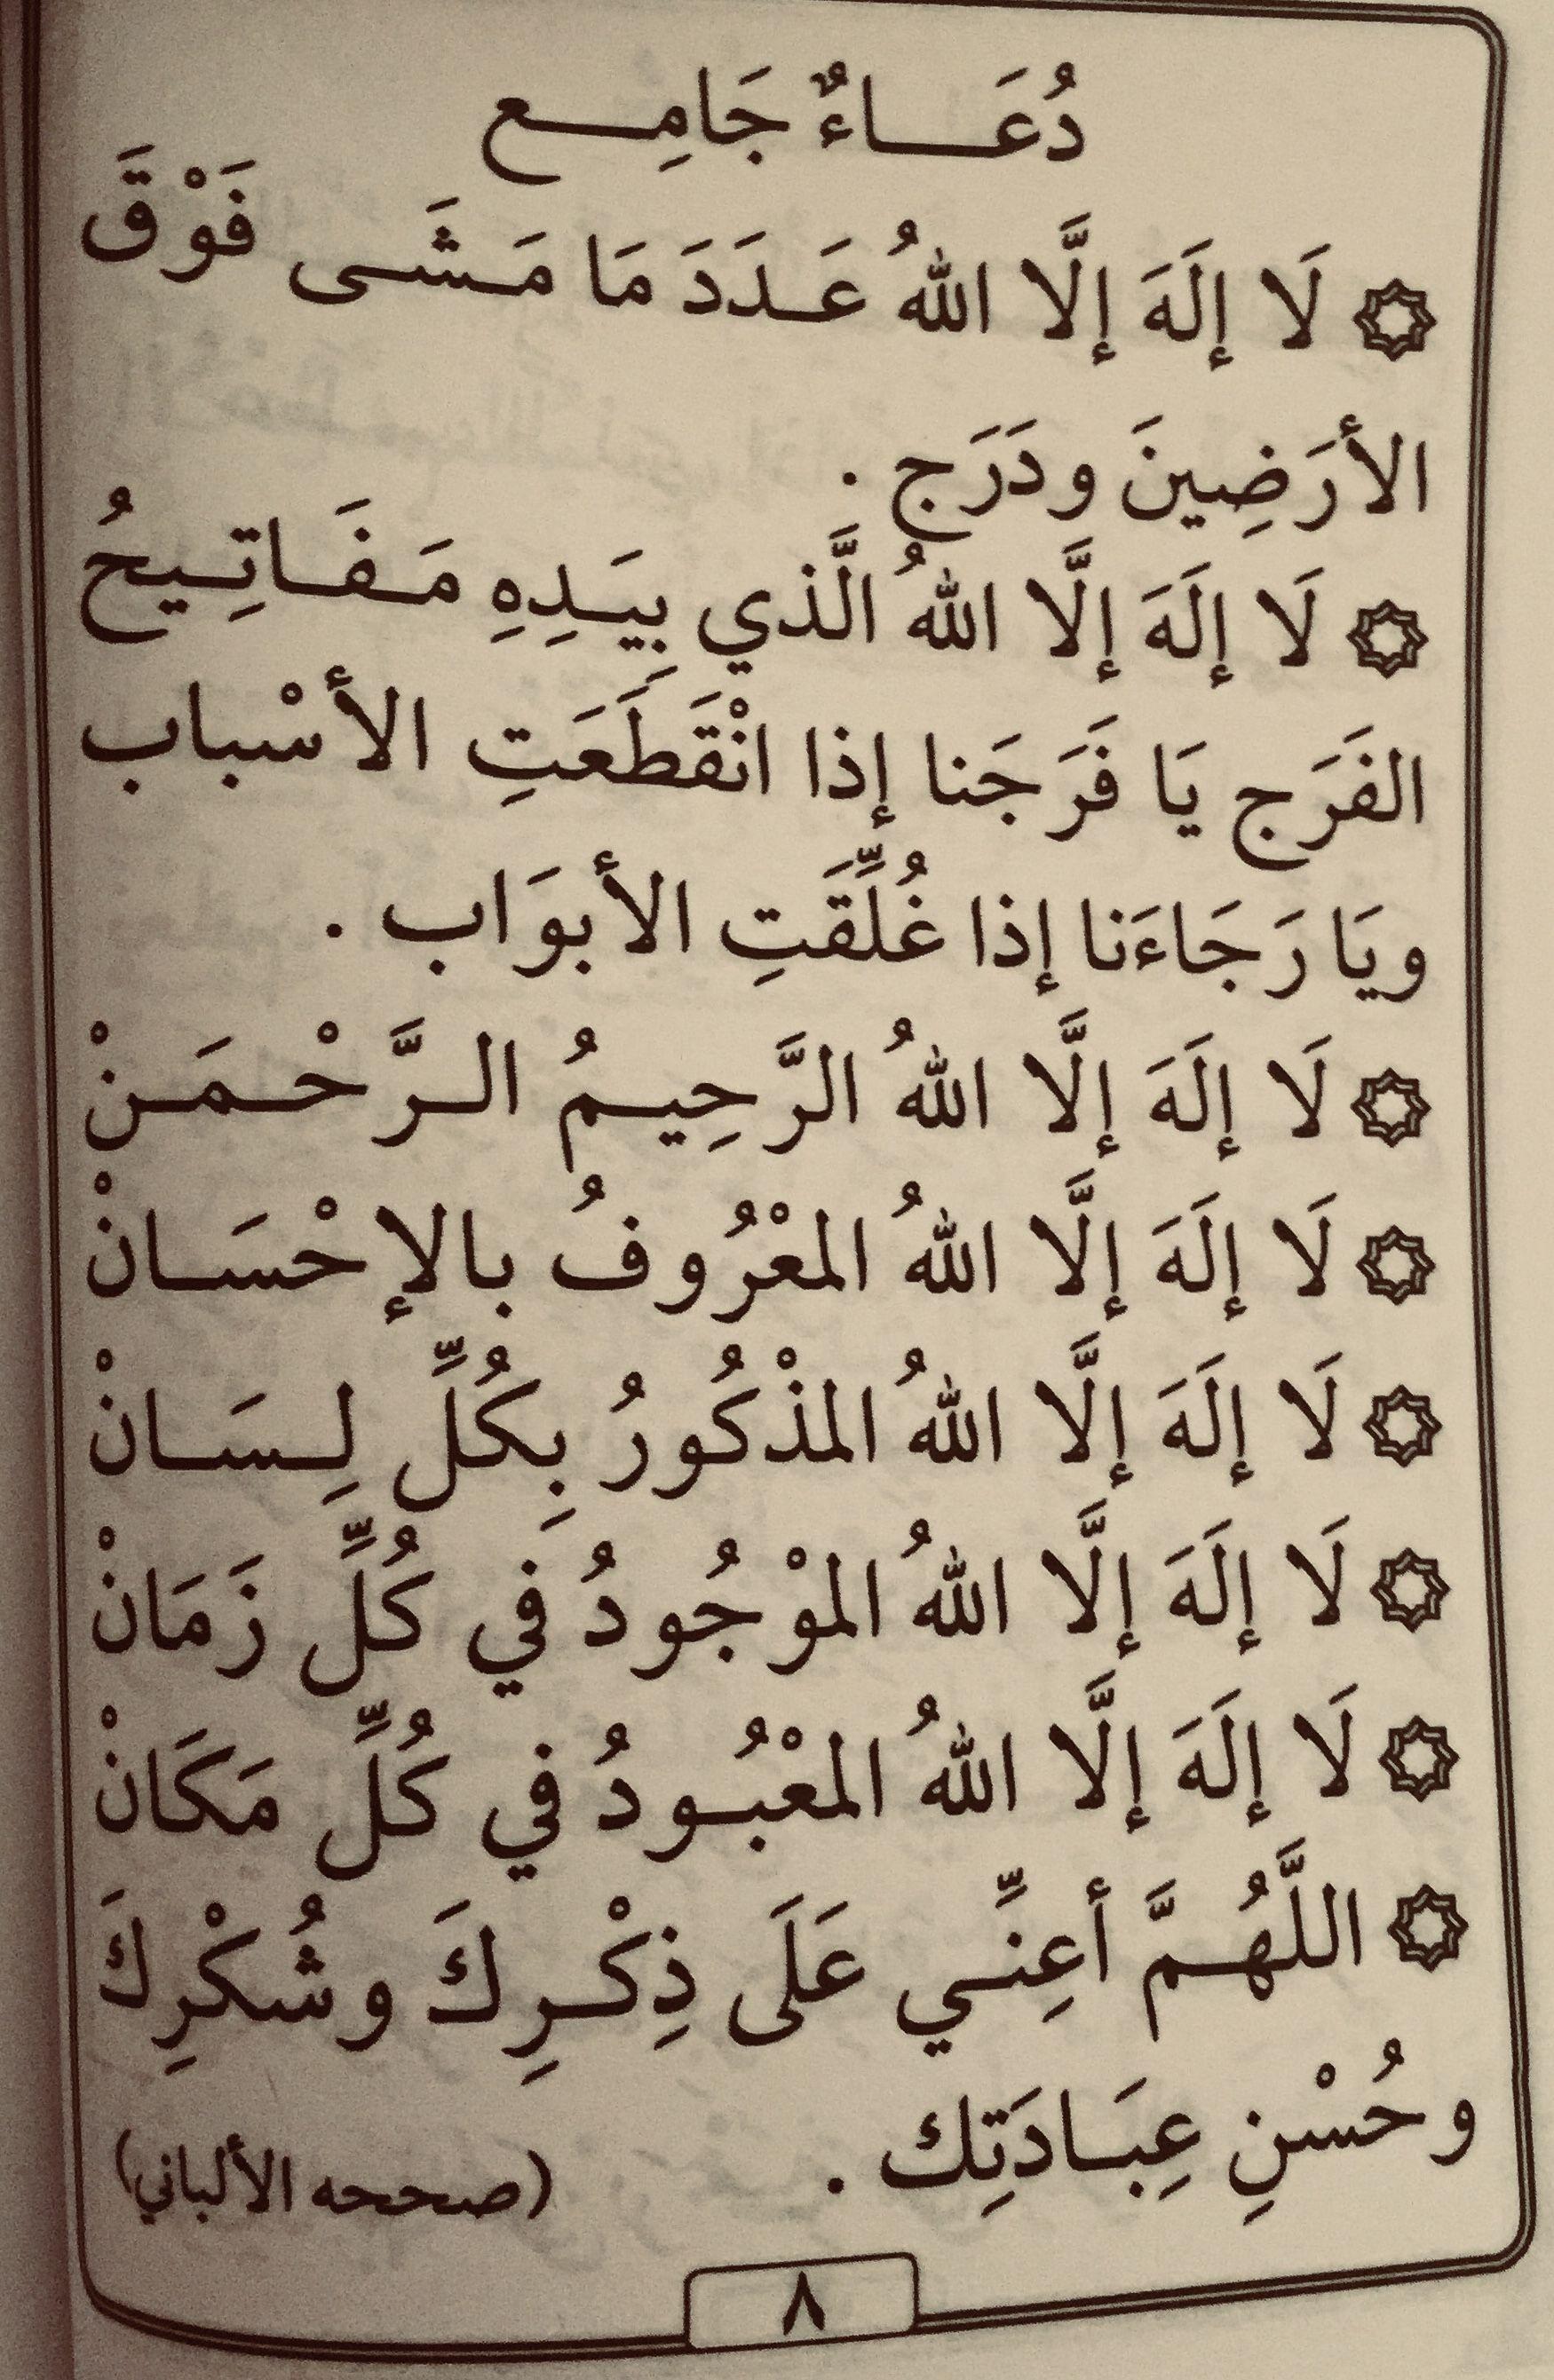 دعاء جامع دعاء مستجاب الله محمد رسول الله Duaa Islam Islam Beliefs Islam Facts